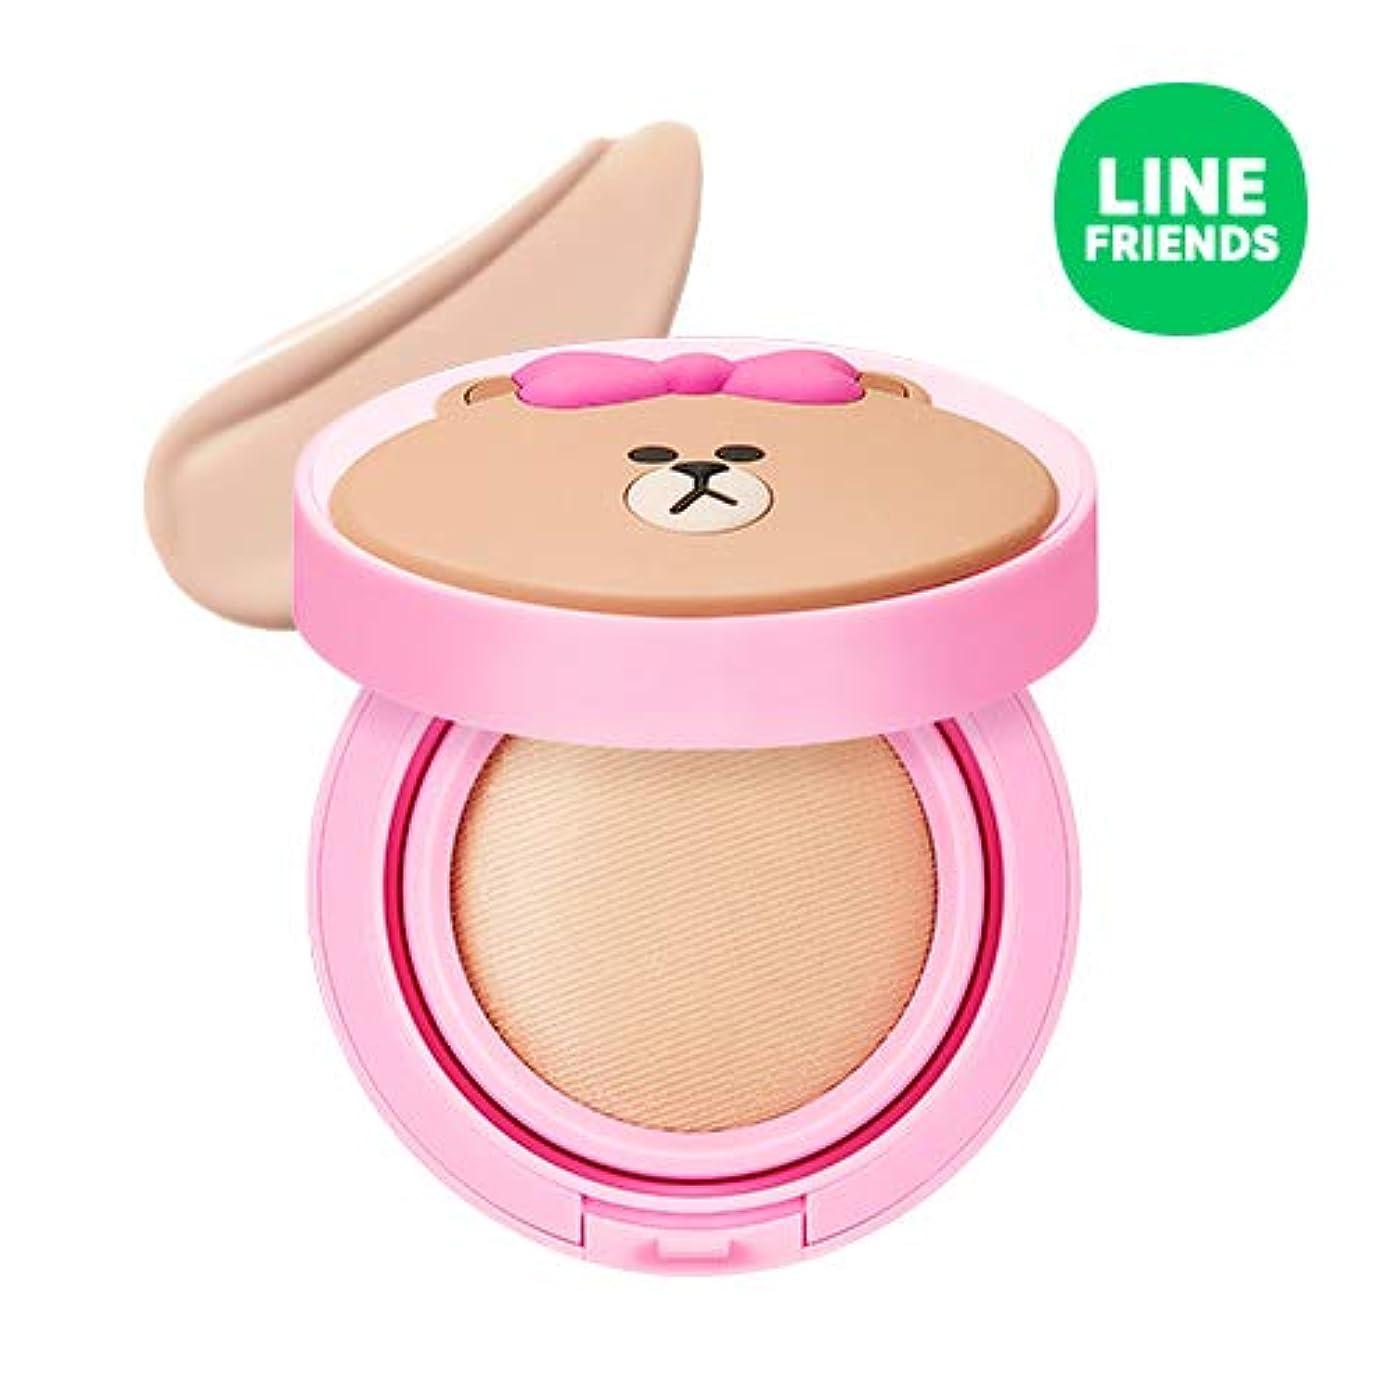 馬鹿げた骨髄現代ミシャ(ラインフレンズ)グローテンション15g / MISSHA [Line Friends Edition] Glow Tension SPF50 PA+++ #Fair(Pink tone No.21) [並行輸入品]